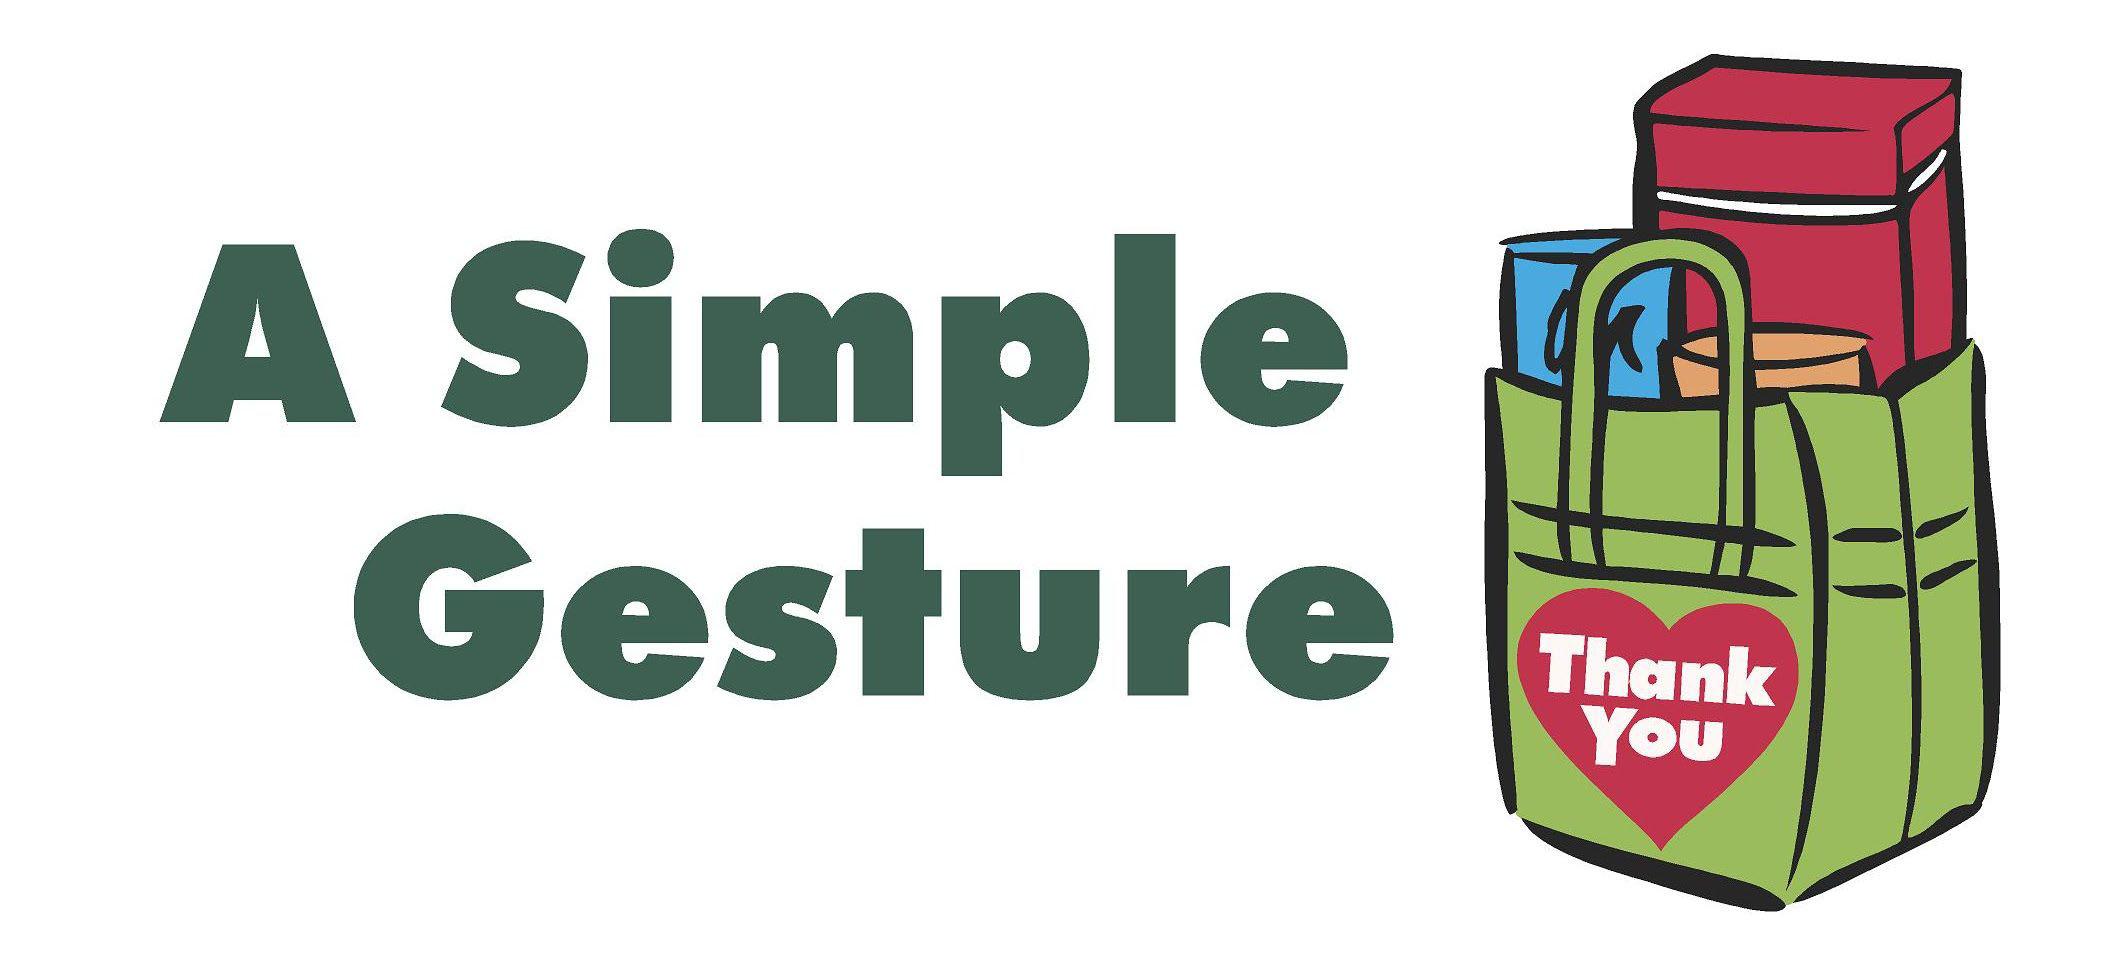 A Simple Gesture